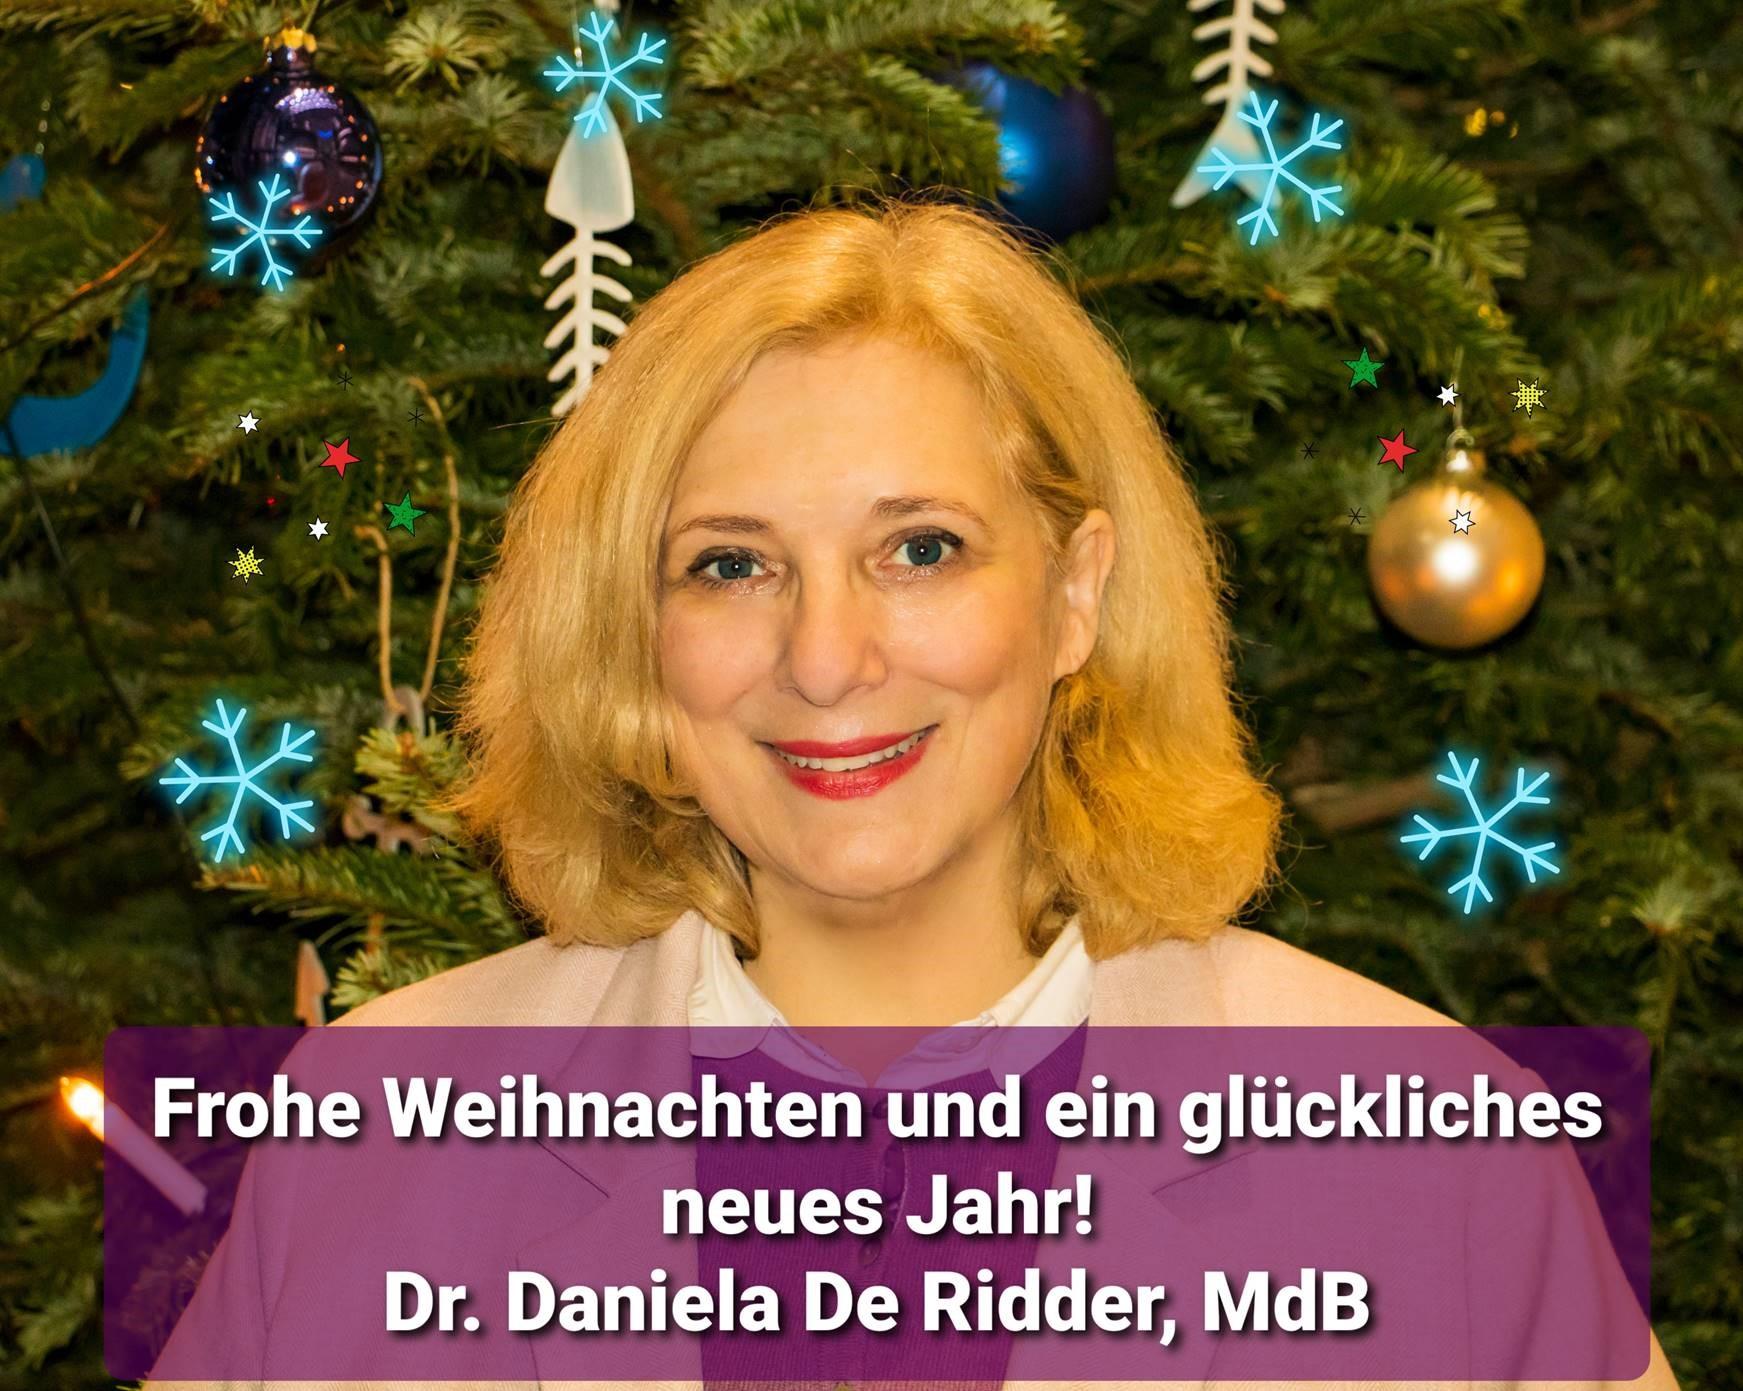 Dr. Daniela De Ridder wünscht frohe Weihnachten und ein glückliches Jahr 2021